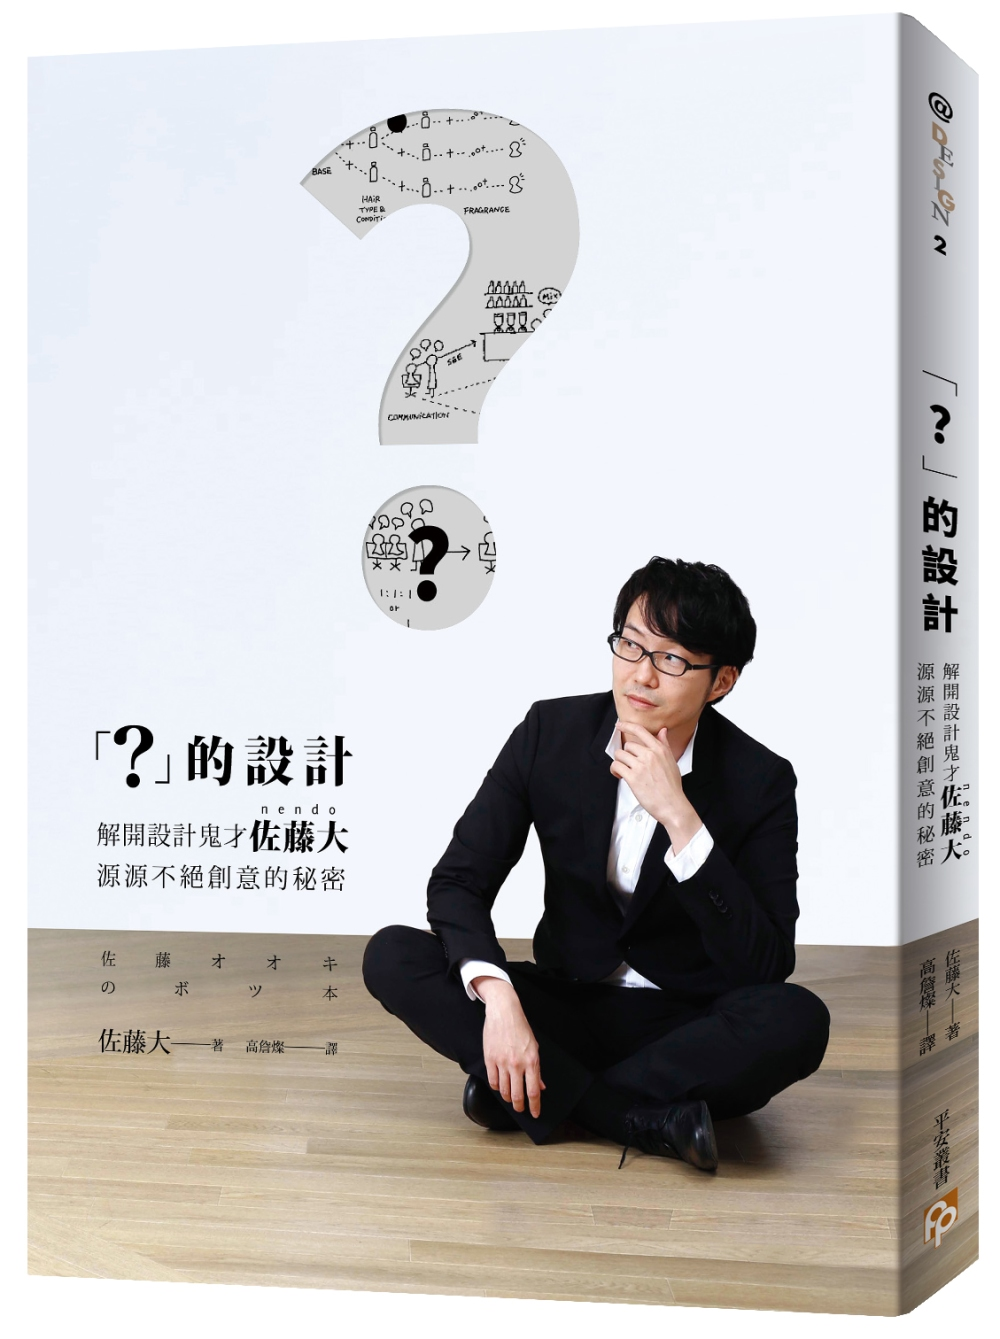 ◤博客來BOOKS◢ 暢銷書榜《推薦》「?」的設計:解開設計鬼才nendo佐藤大源源不絕創意的秘密,從不被採用的案子,生出最棒的點子!